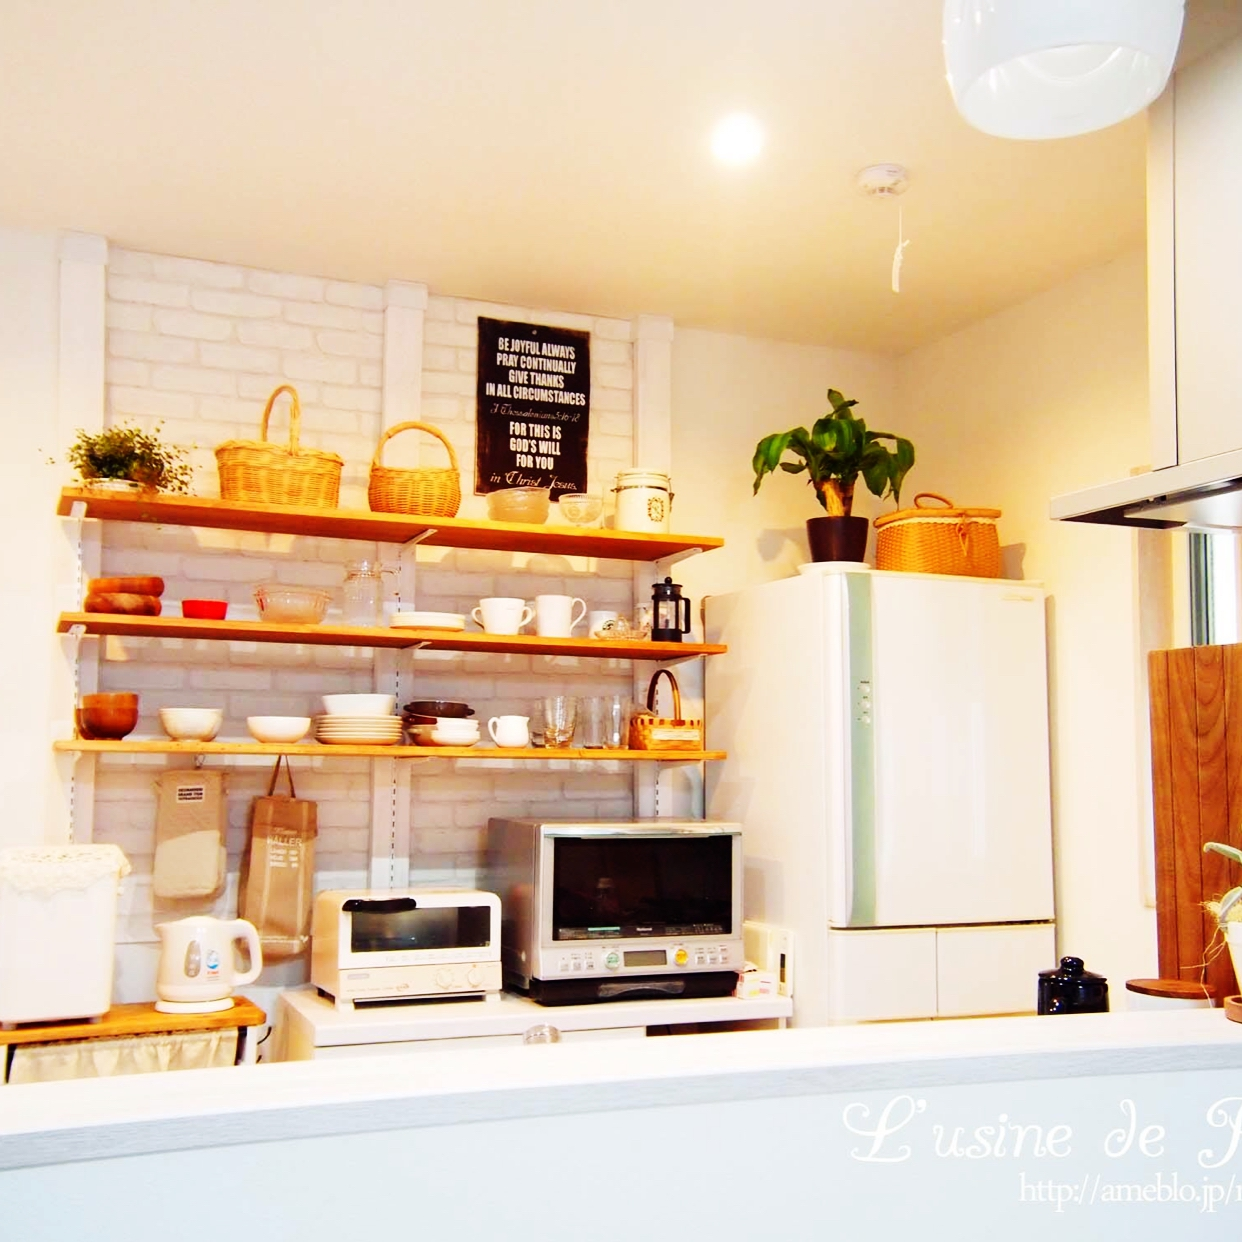 賃貸でもok 話題の ディアウォール でキッチンに棚を作ろう 朝時間 Jp